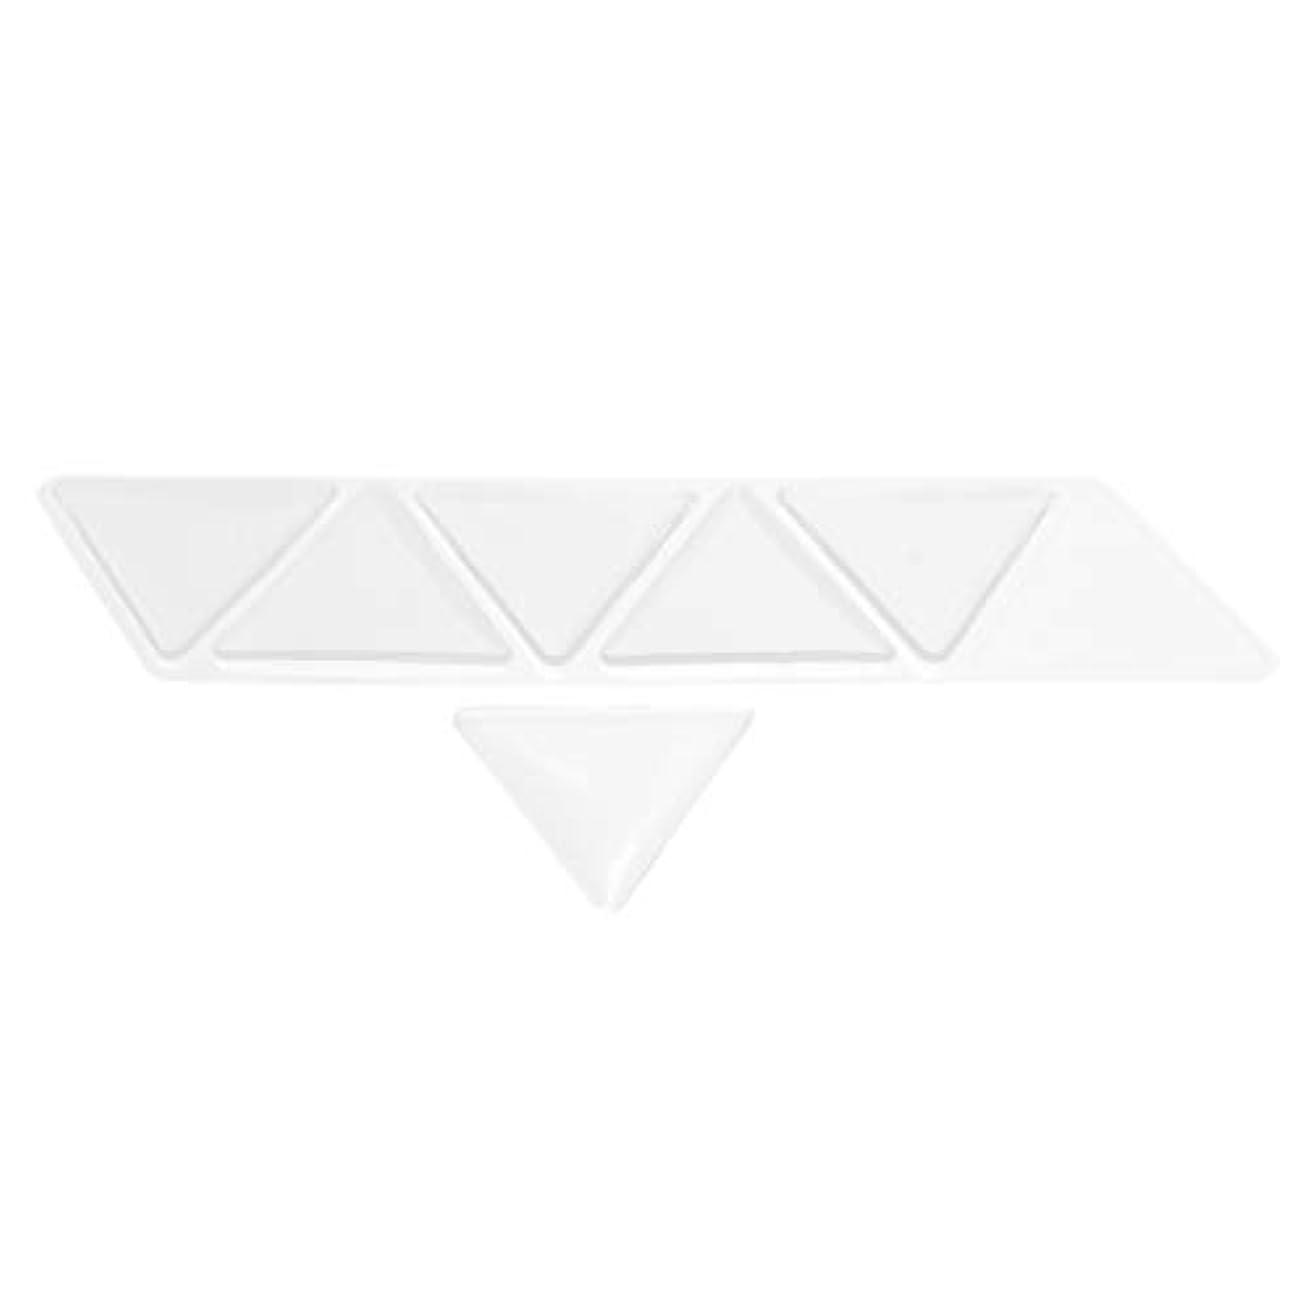 乳白色進行中エトナ山額パッド アンチリンクル シリコン 反しわ パッチスキンケア 6個セット